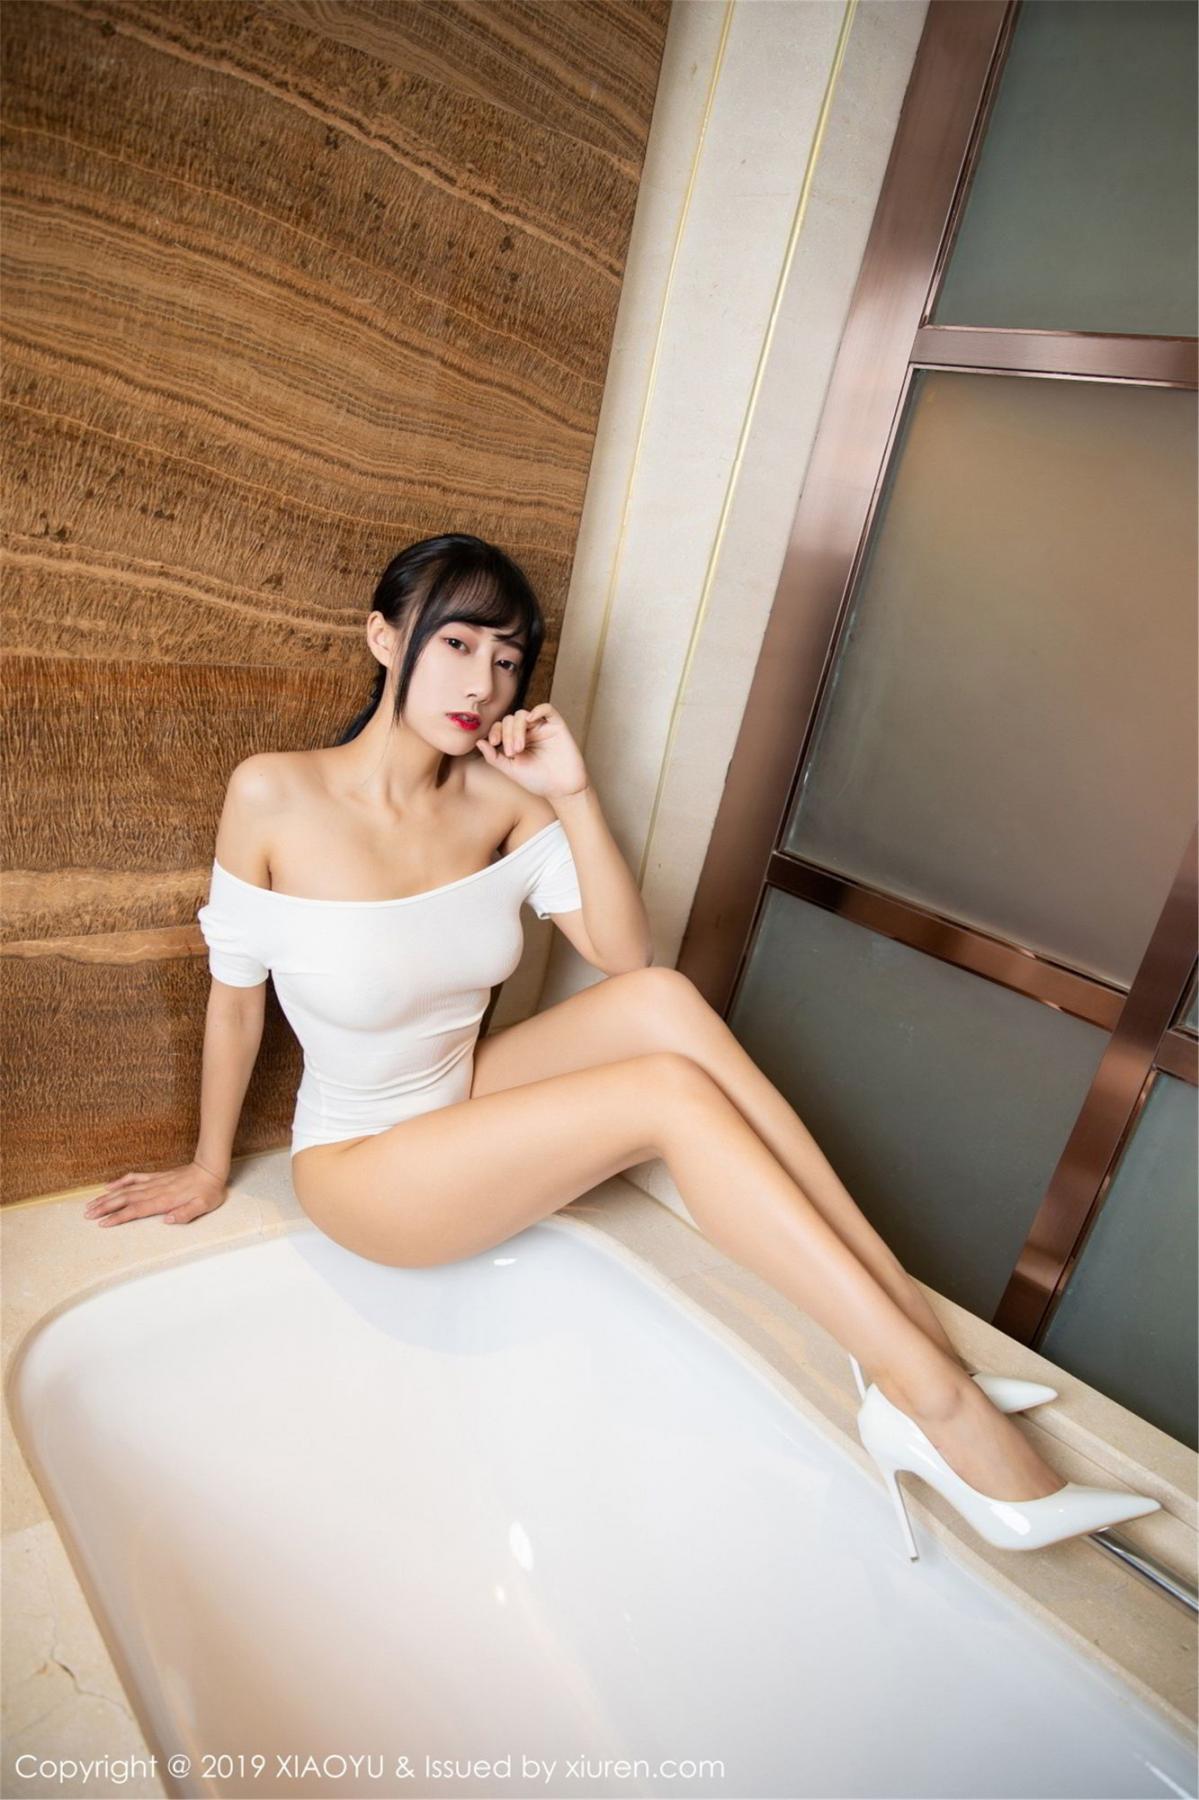 [XiaoYu] Vol.116 He Jia Ying 15P, Bathroom, He Jia Ying, Wet, XiaoYu